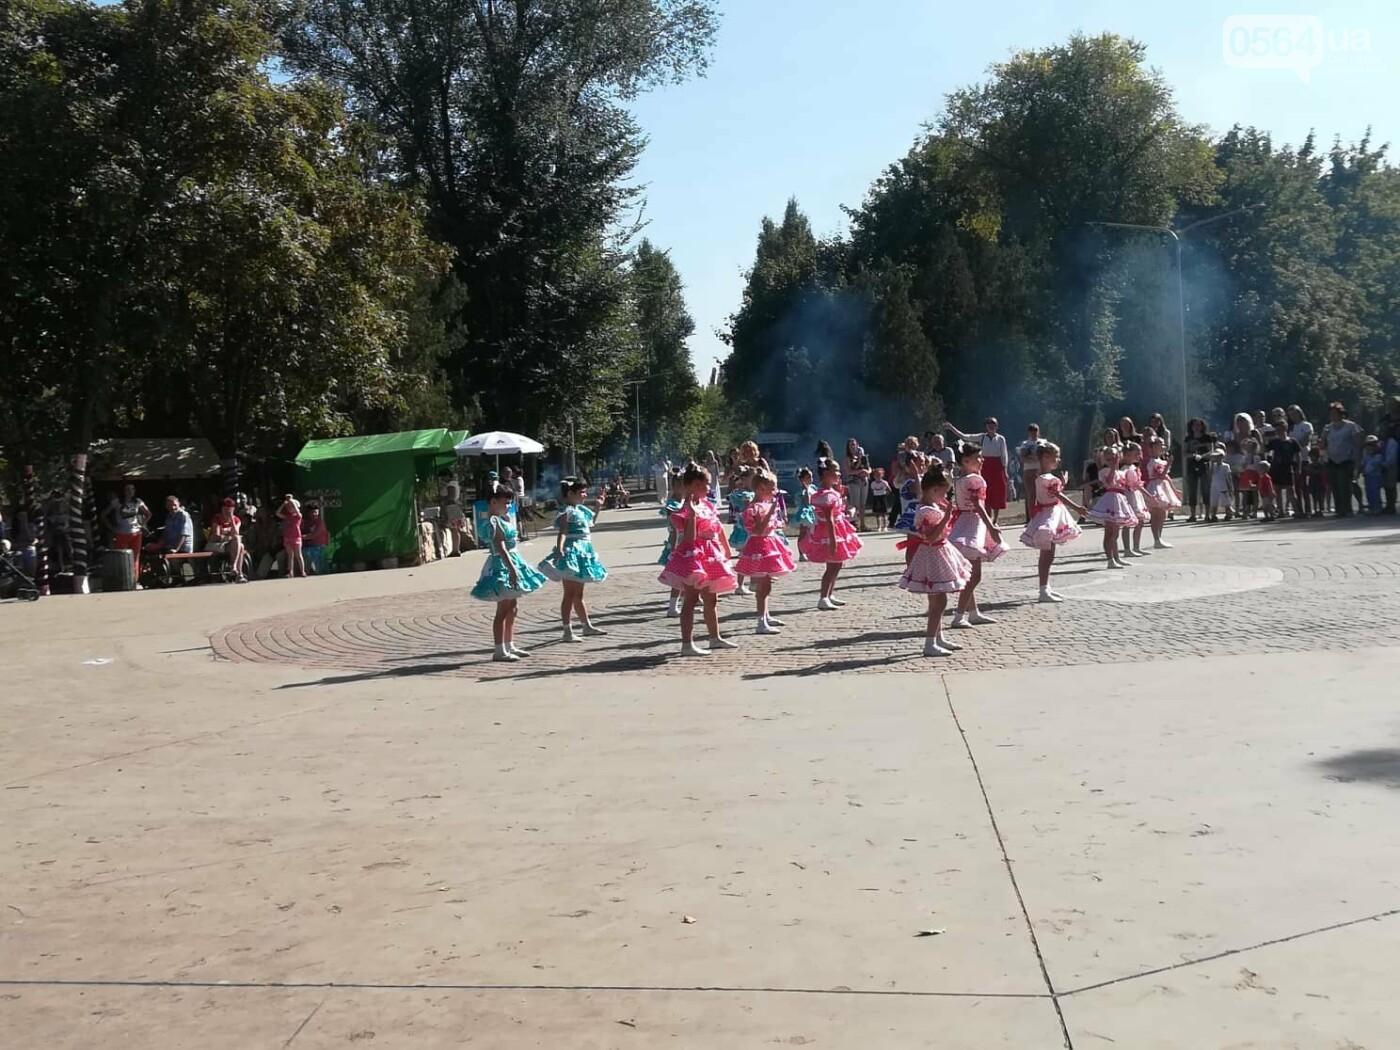 Мастер-классы, концерт и показательные выступления казаков, - как криворожане отмечают главный праздник страны в Долгинцевском районе, фото-11